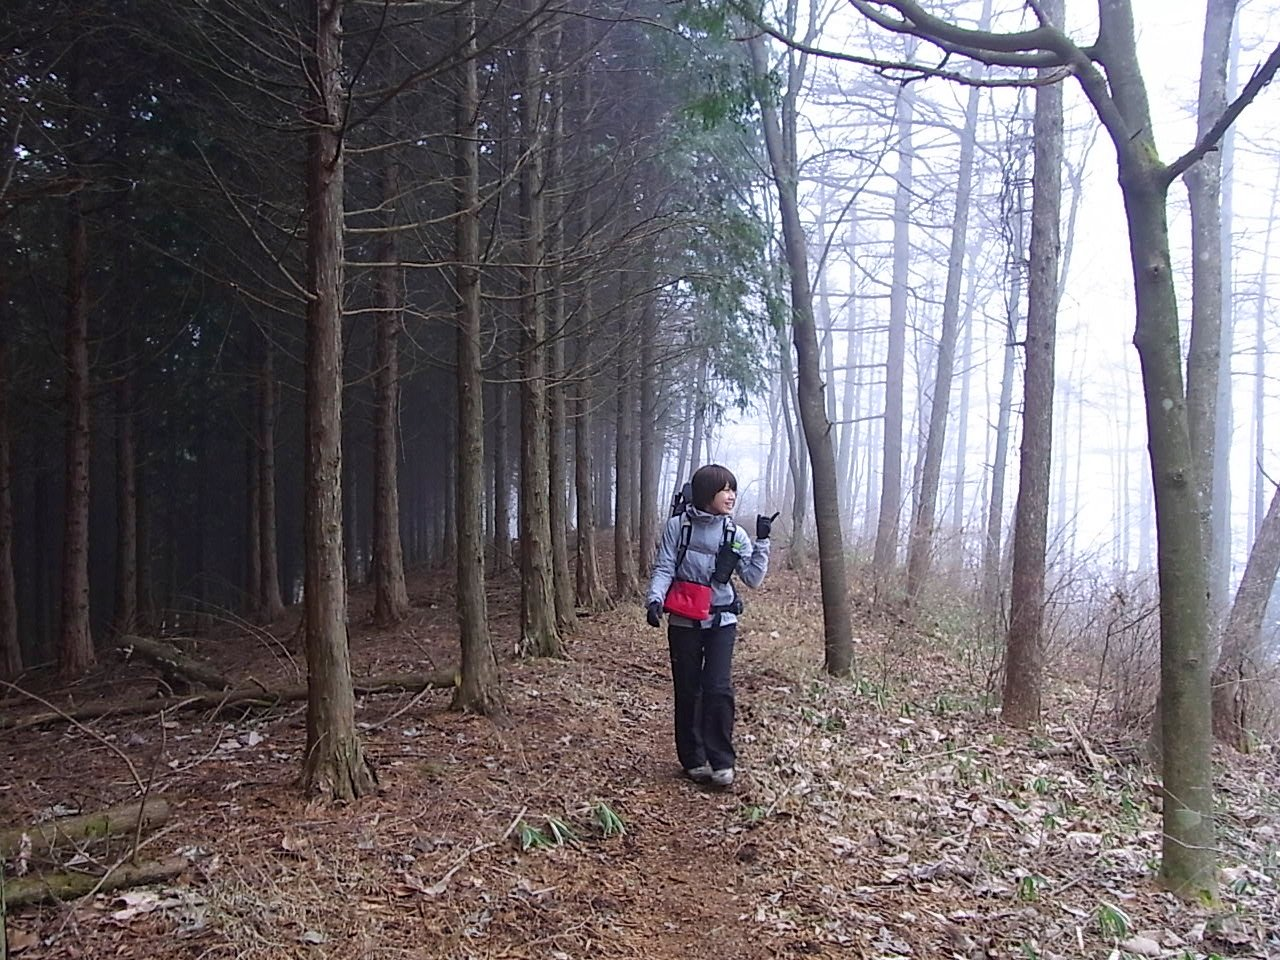 2012.12.23 笹尾根を大きなバックパックで歩く_b0219778_23153488.jpg